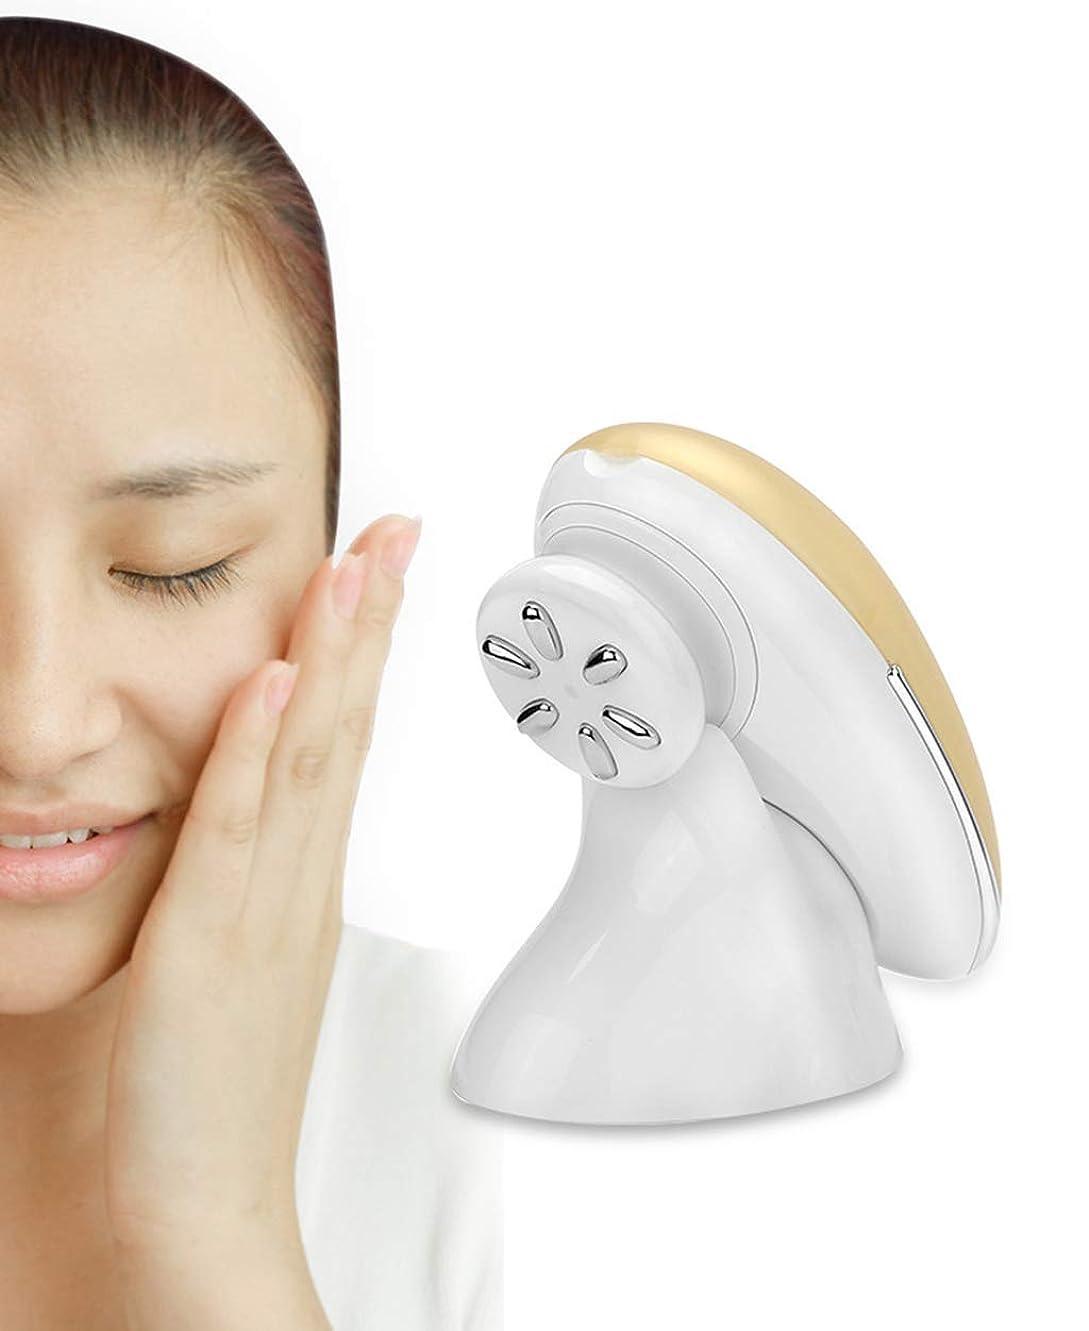 合成食用極地EMSパルス美容機器、RFしわ肌の顔の肌を引き締め抗老化美容機器